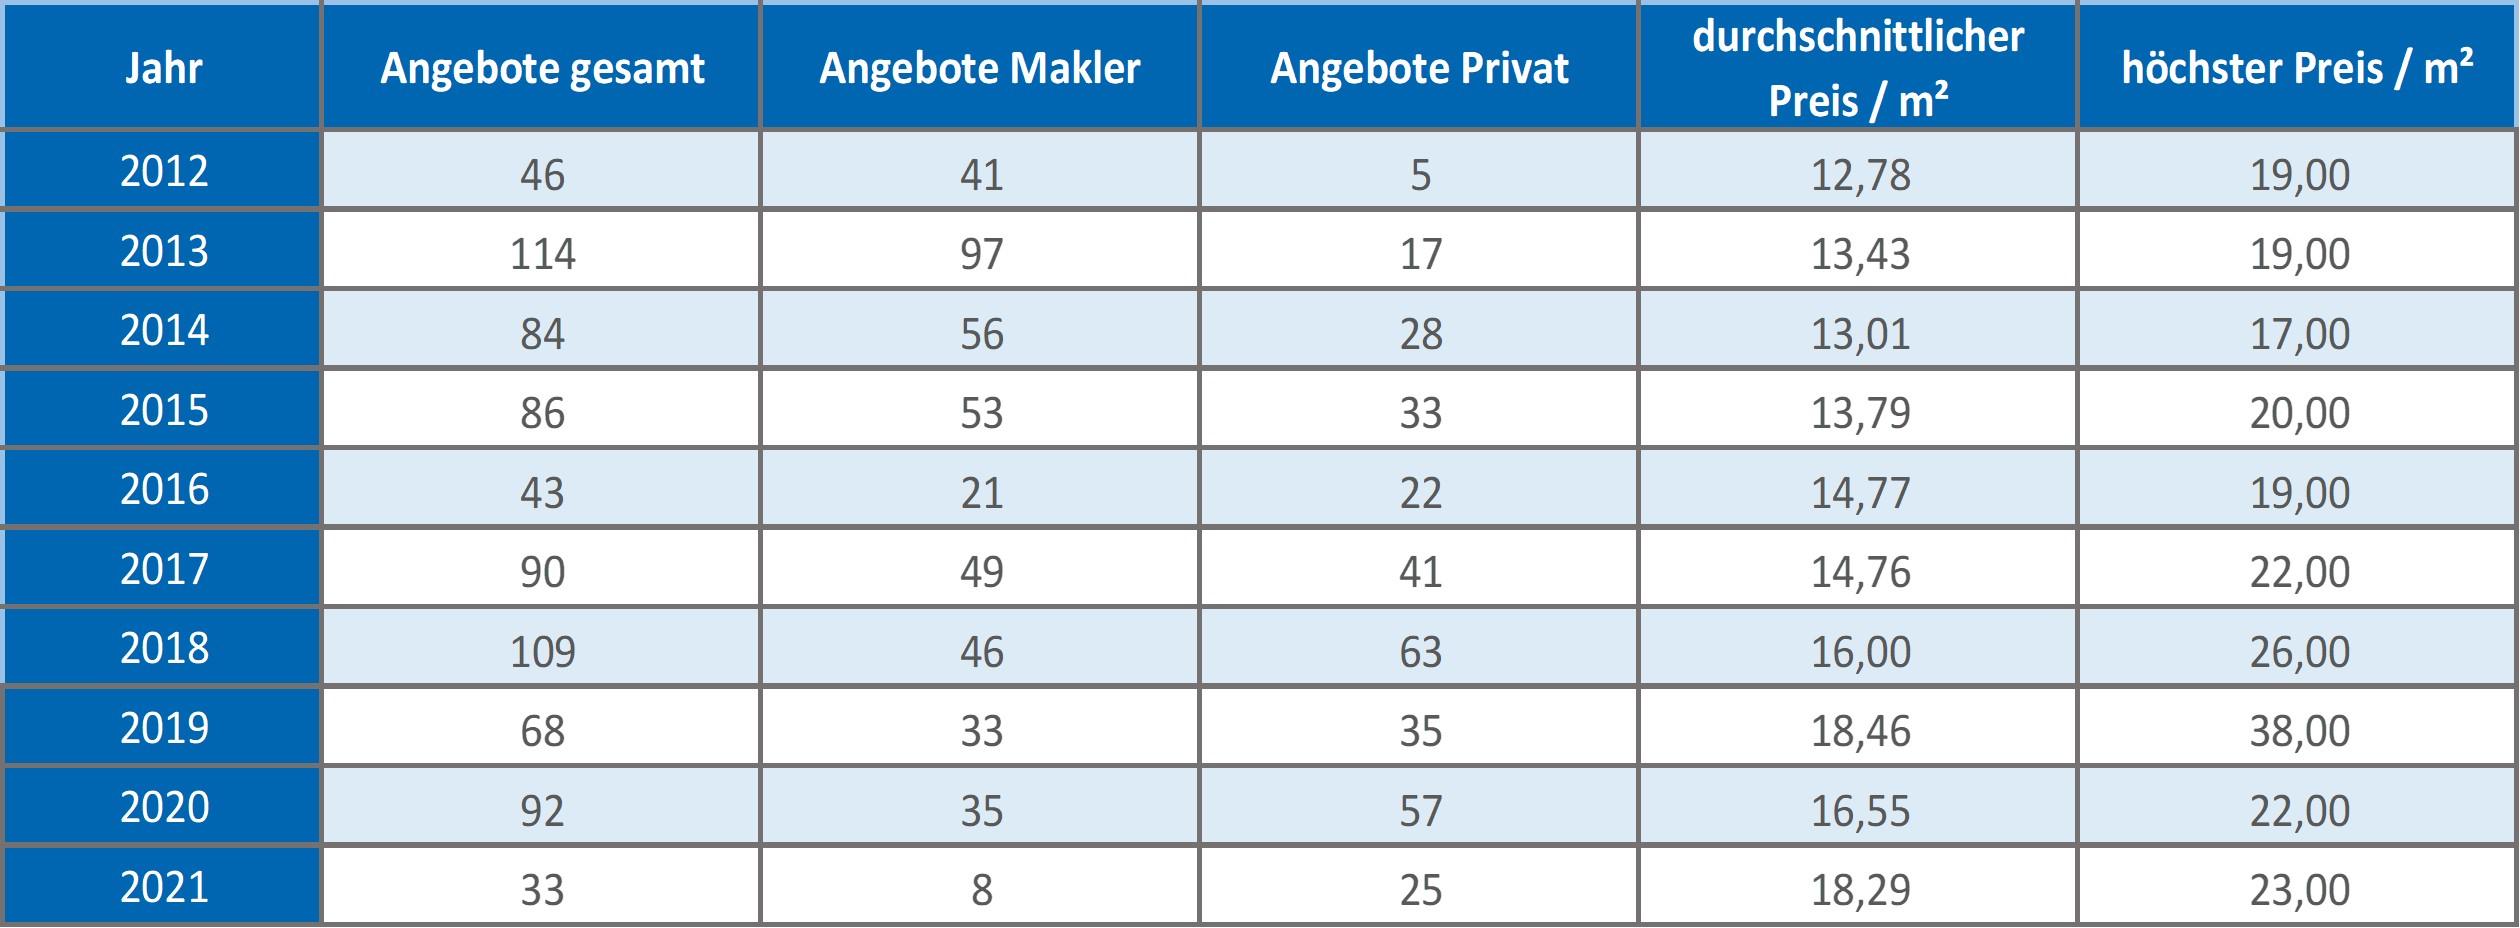 München - Fasangarten Wohnung mieten vermieten Preis Bewertung Makler 2019 2020 2021 www.happy-immo.de